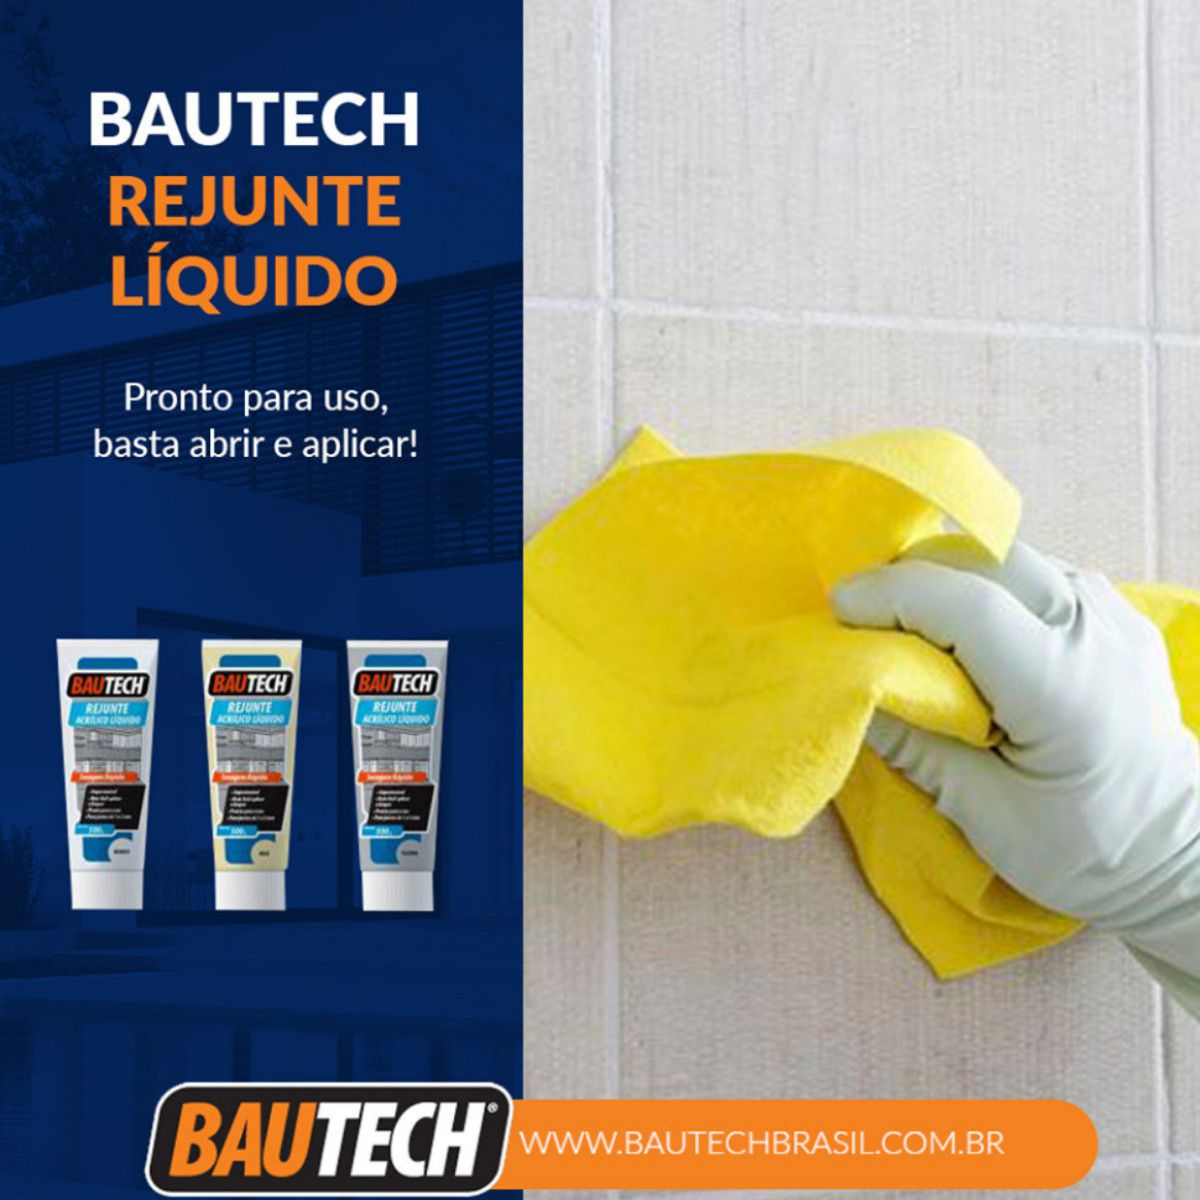 Rejunte Acrílico Liquido Bautech Branco 470g